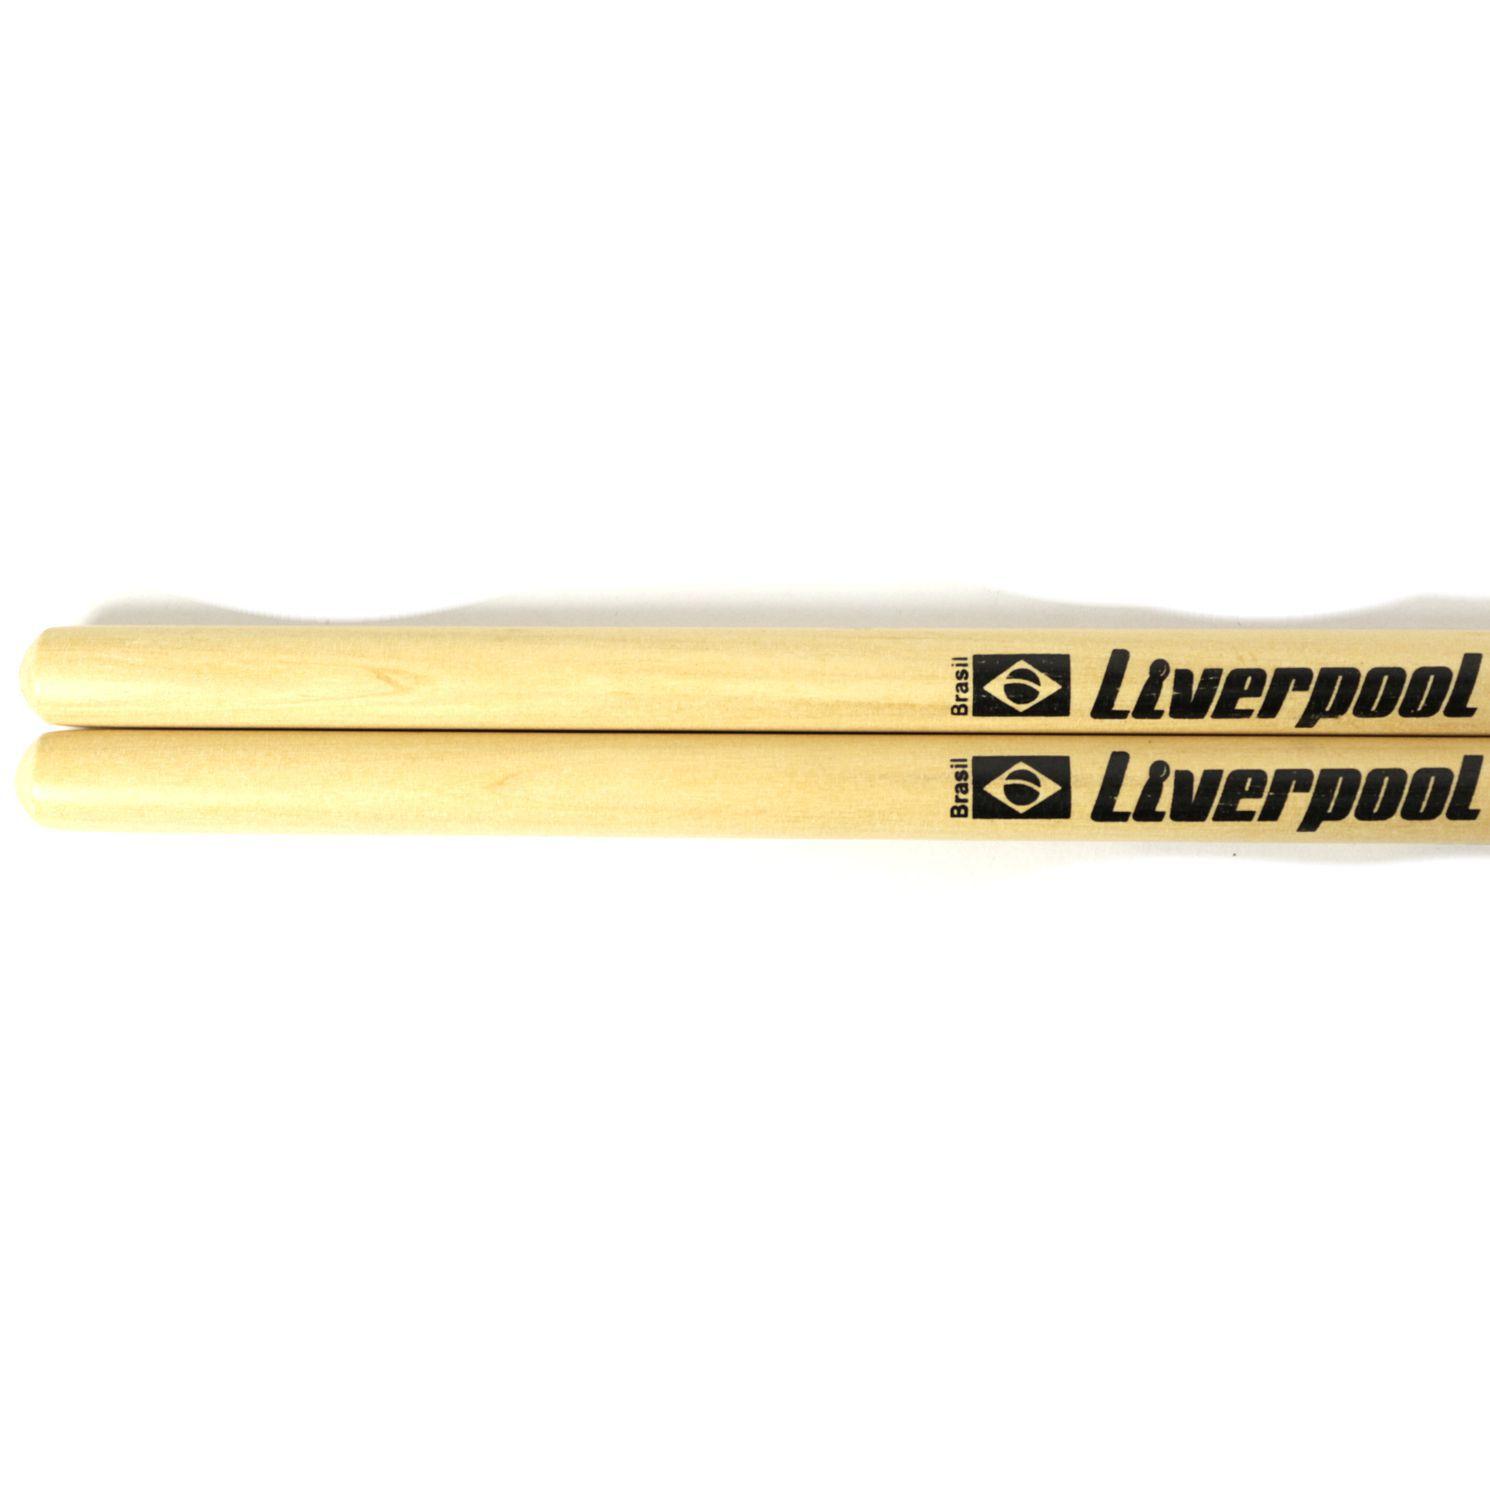 Baquetas 5A em Marfim Liverpool Classic Series Ponta de NYLON LL 5AN